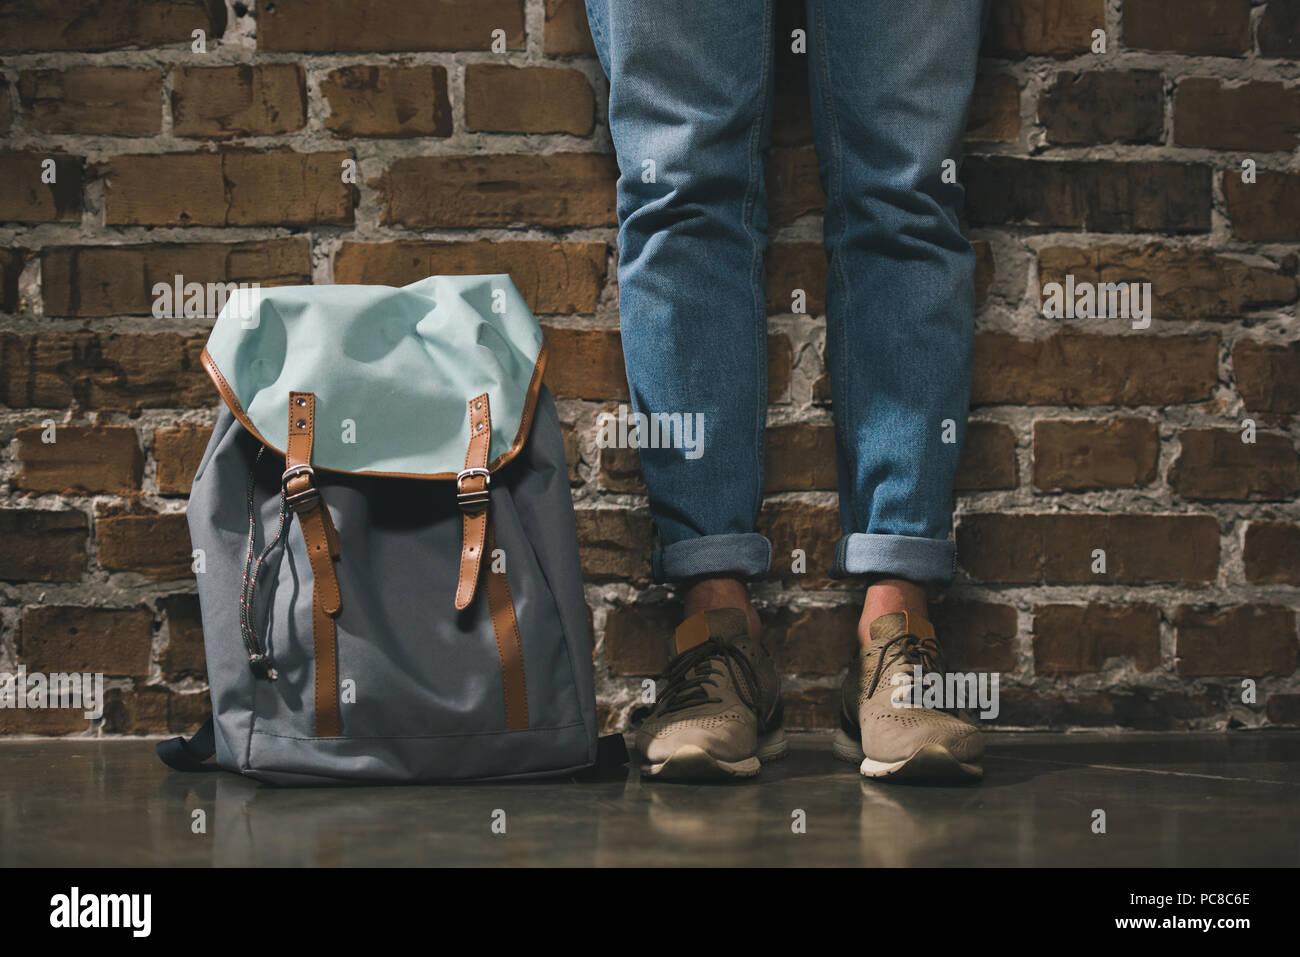 La section inférieure de l'homme en pantalon en jean et baskets debout avec sac à dos près de brick wall Photo Stock